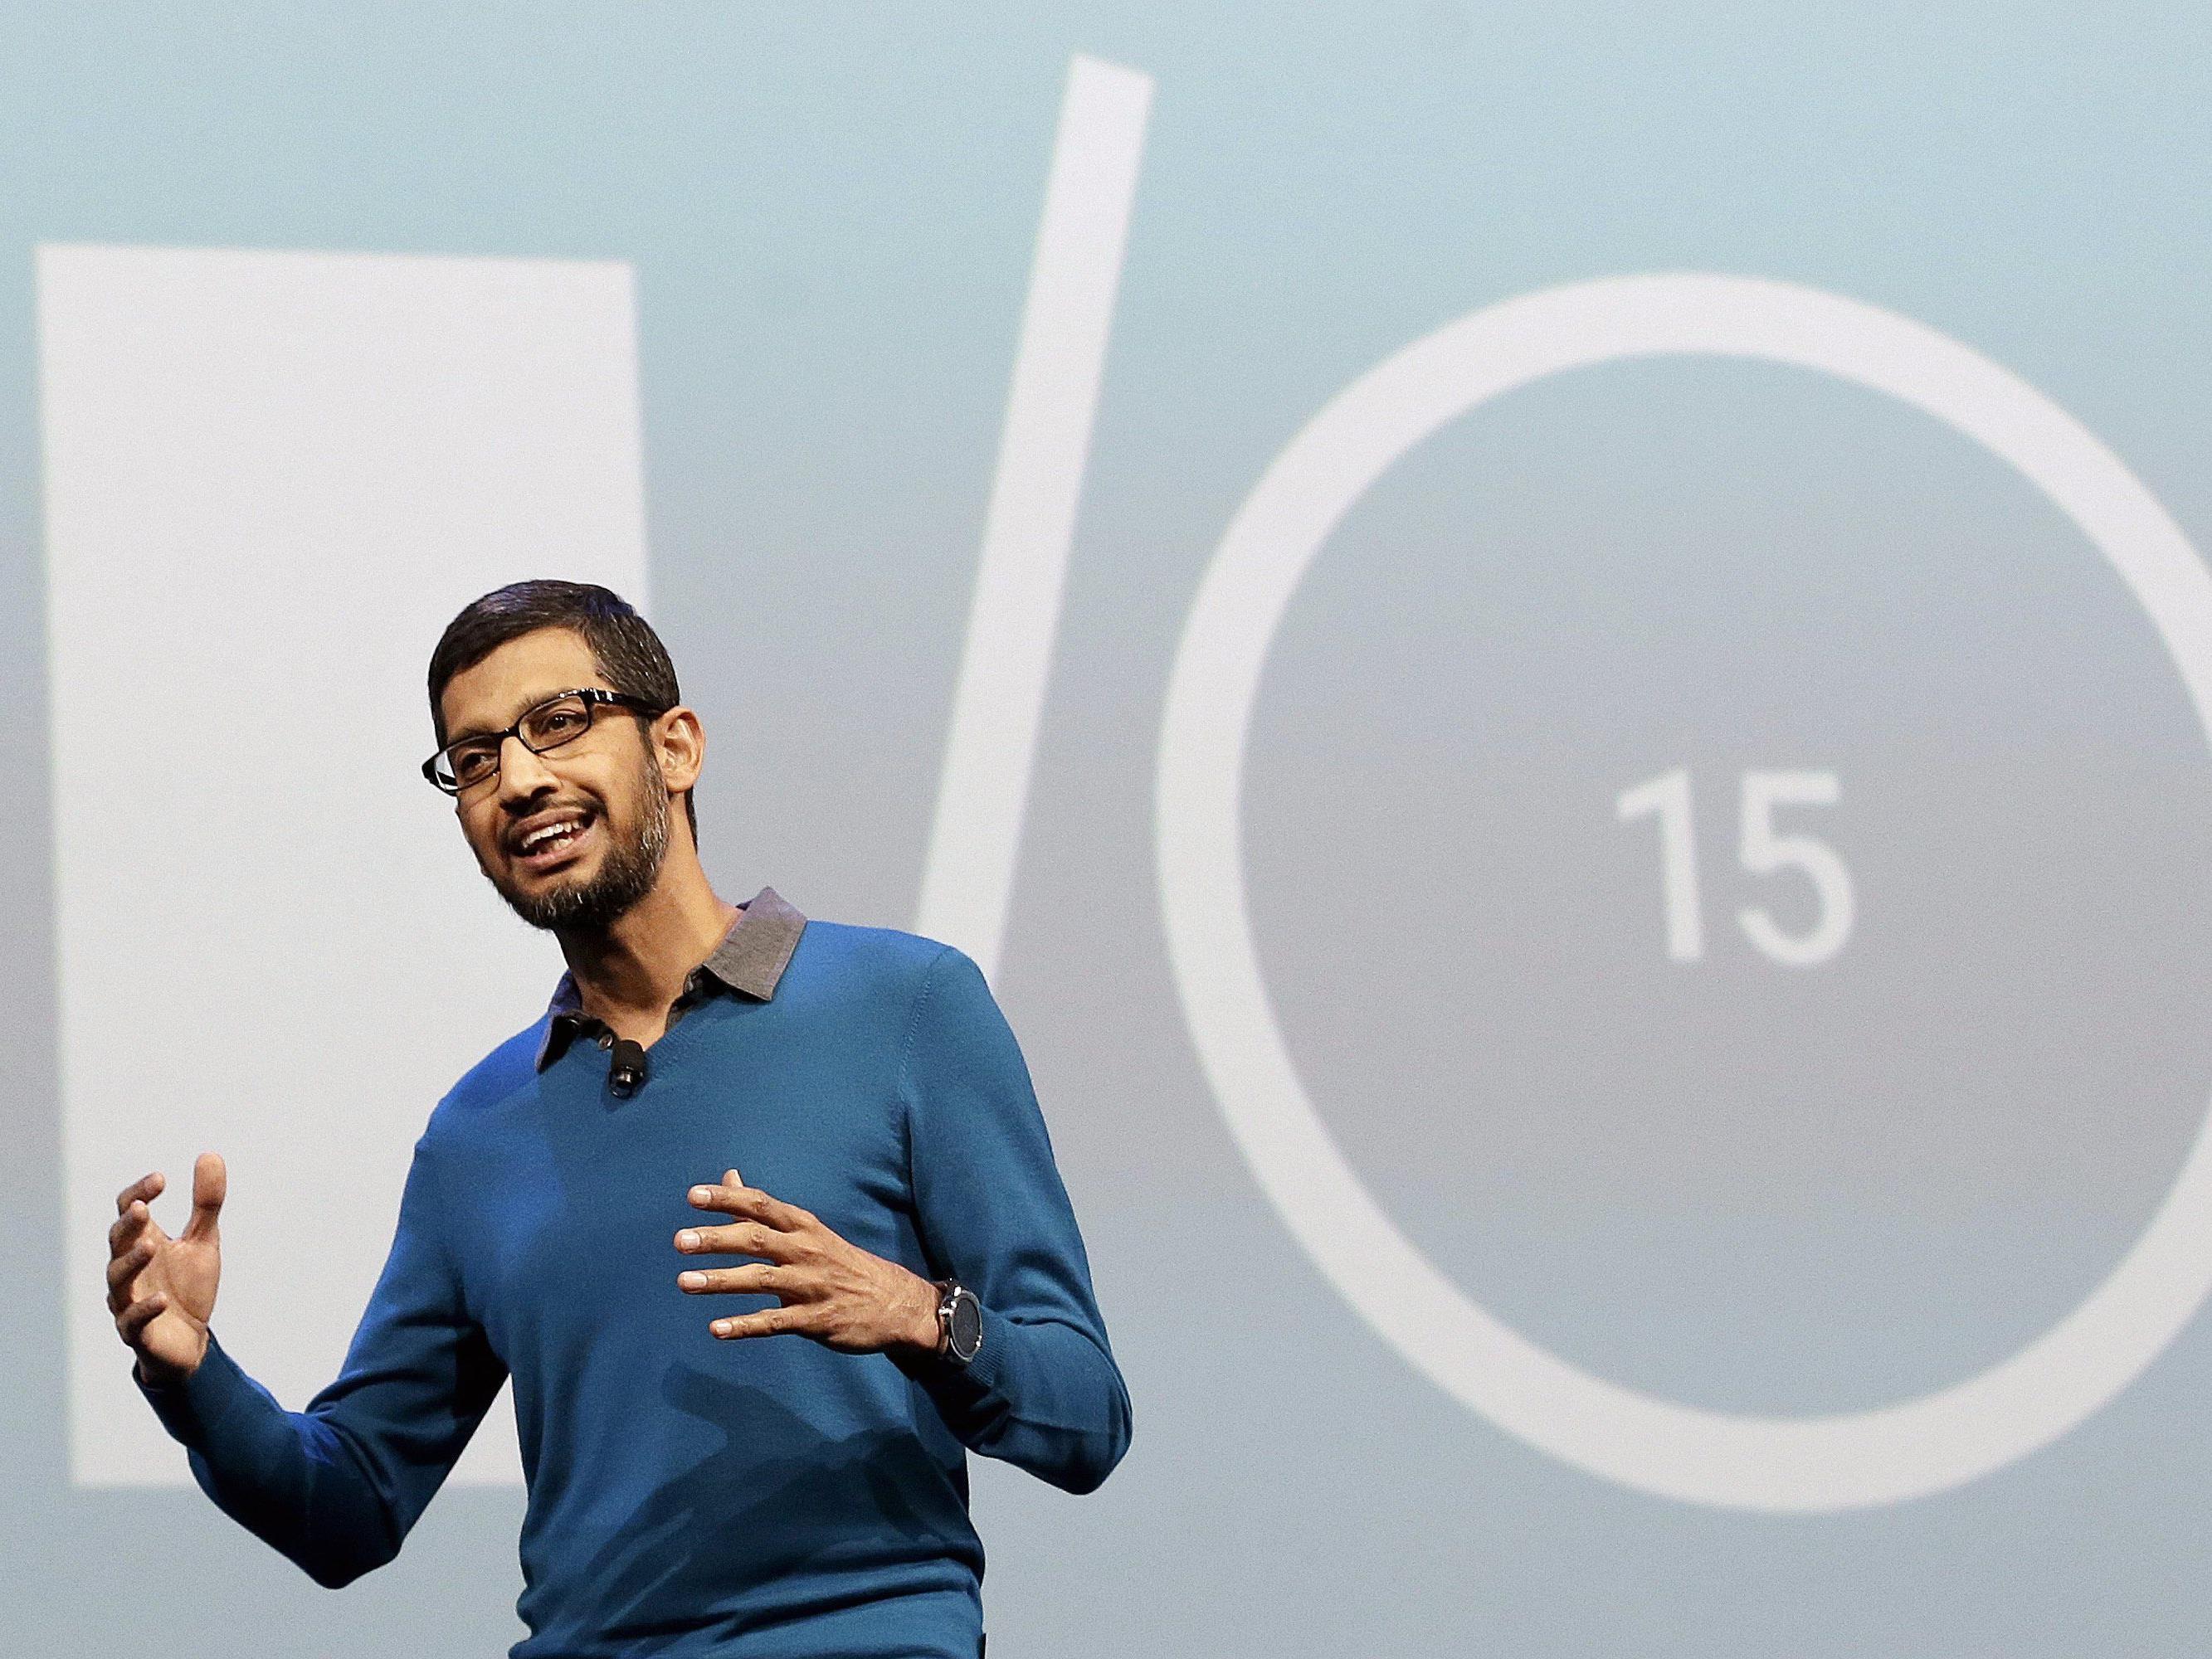 Google liefert sich Kopf-an-Kopf-Rennen mit Apple um Zukunftsmärkte.